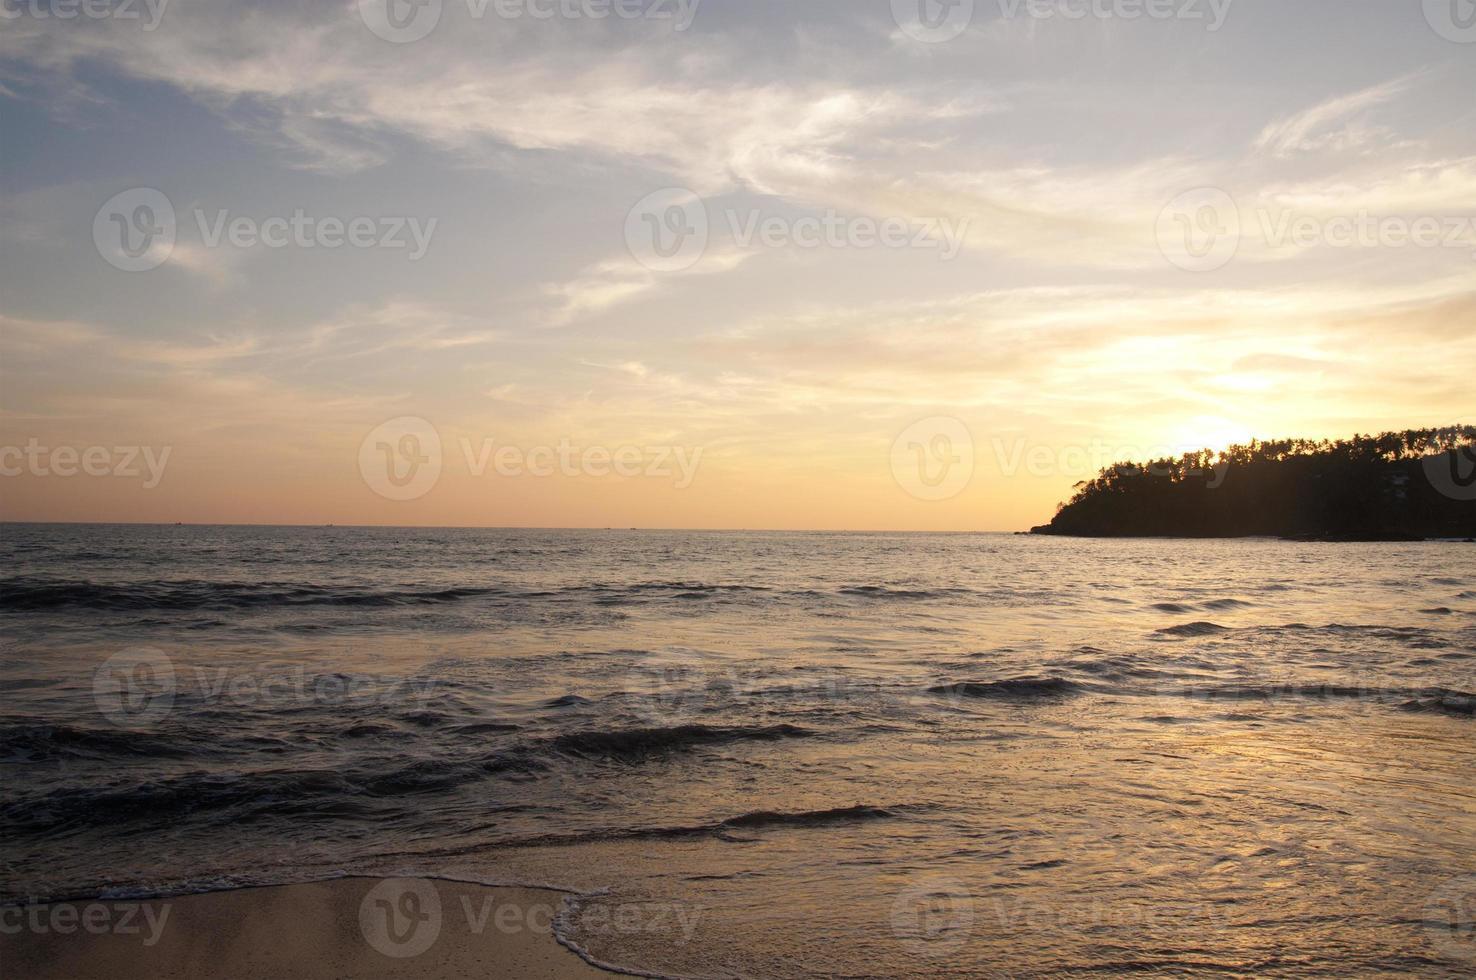 bellissimo tramonto in spiaggia foto